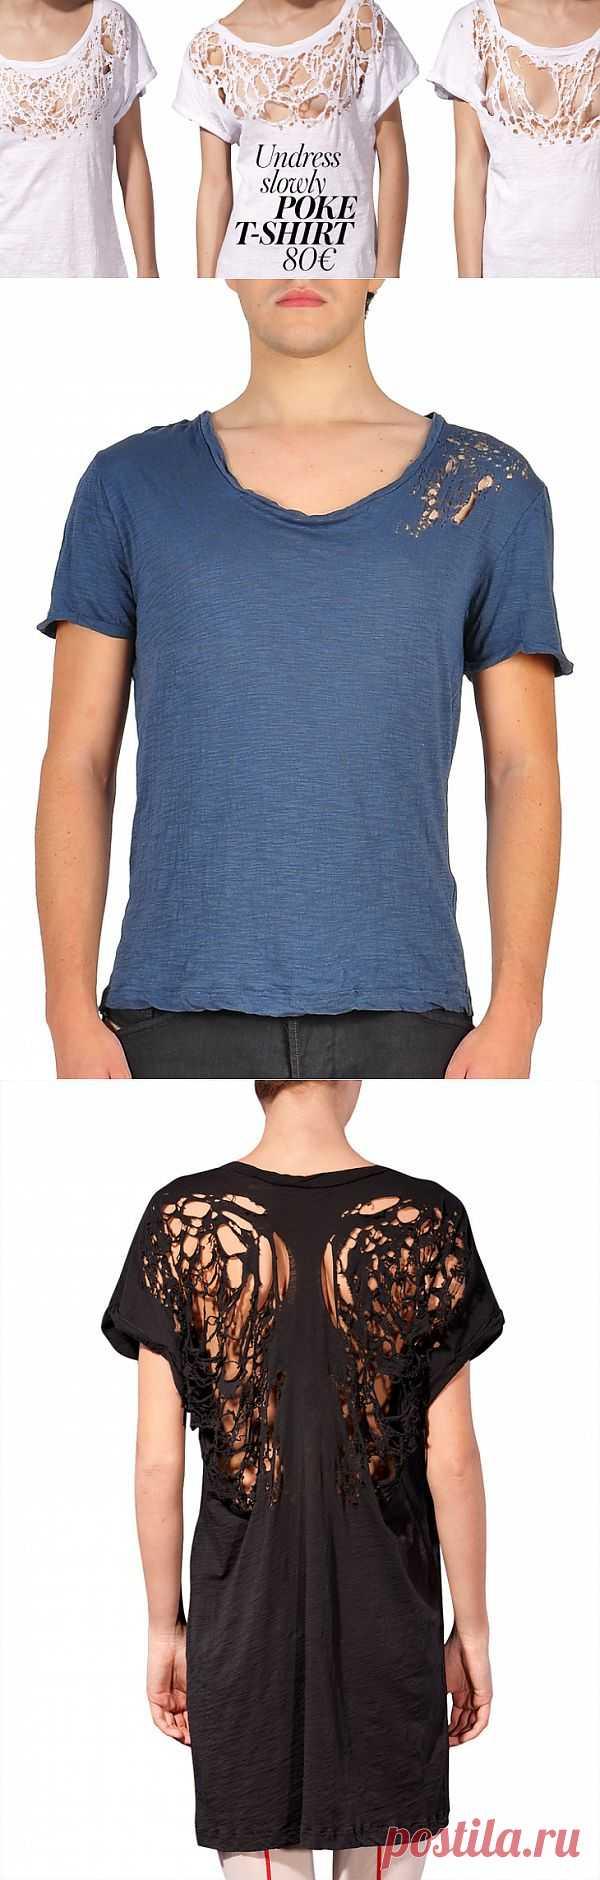 Poke t-shirt MurMur / Креатив / Модный сайт о стильной переделке одежды и интерьера